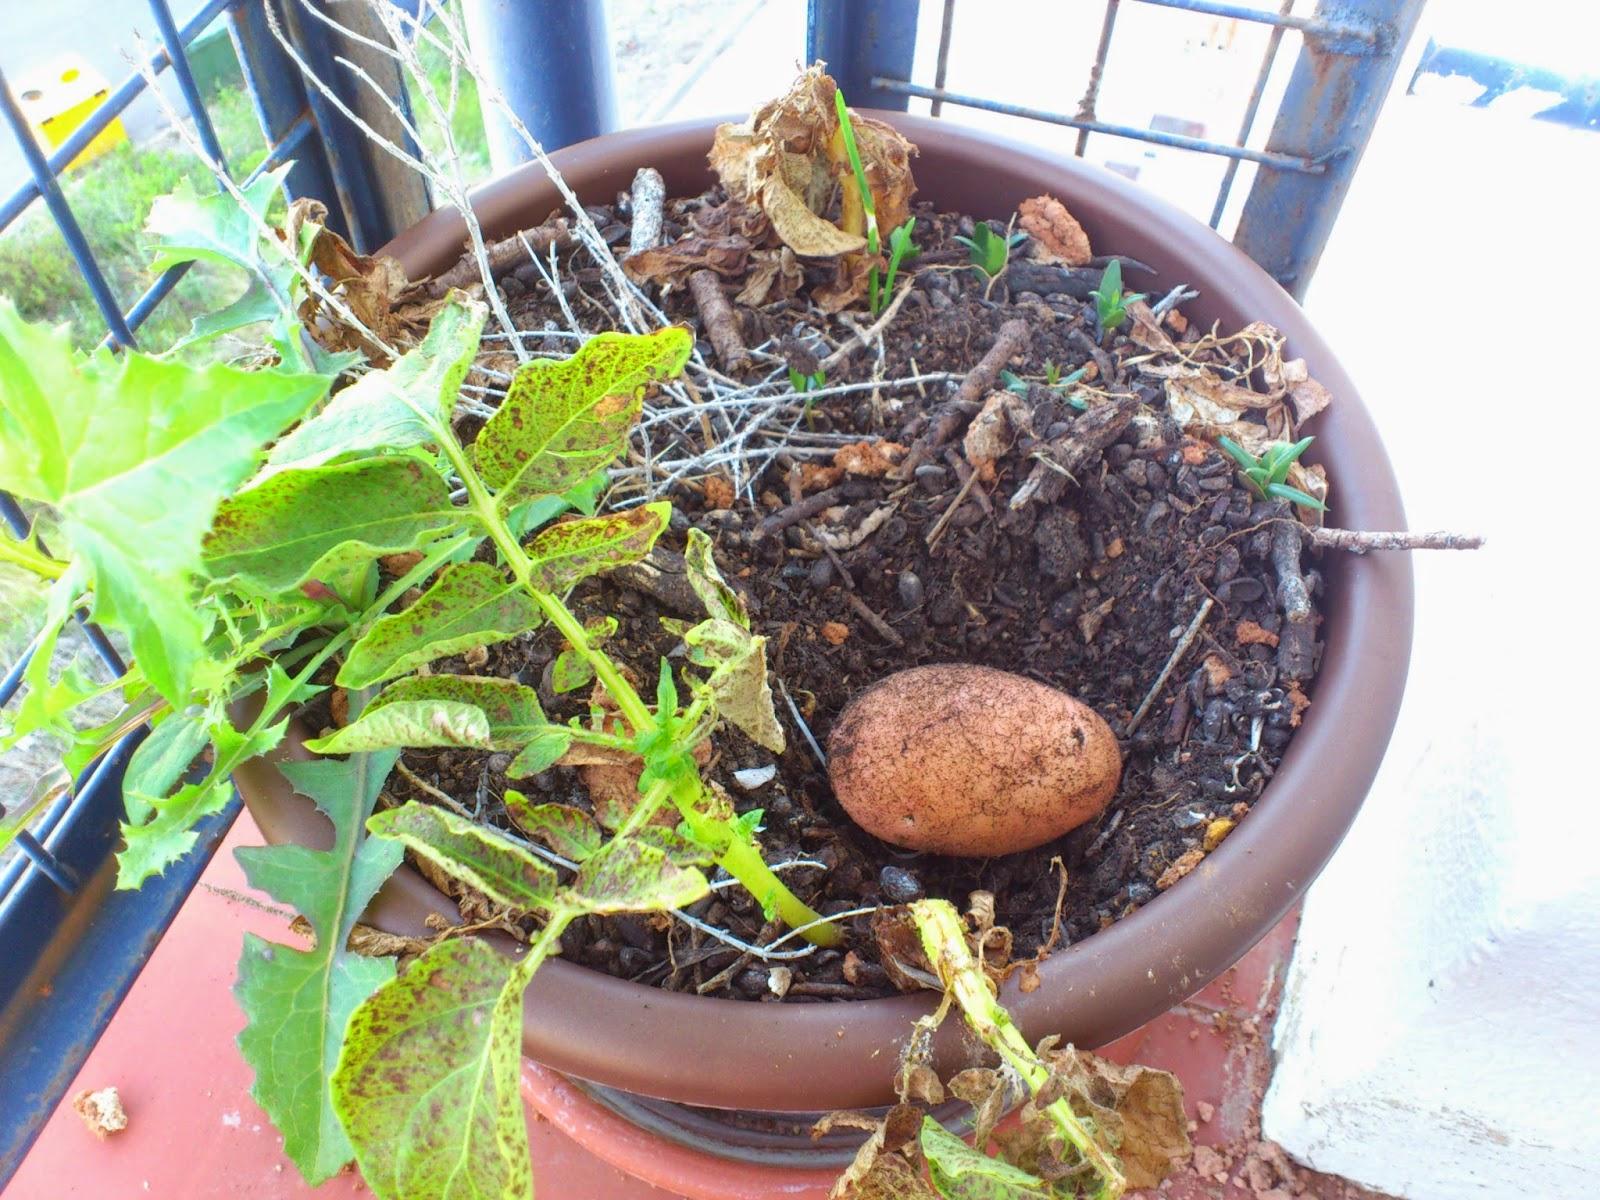 Reciclatex Cosecha de patatas en una maceta - Proyecto Huerto